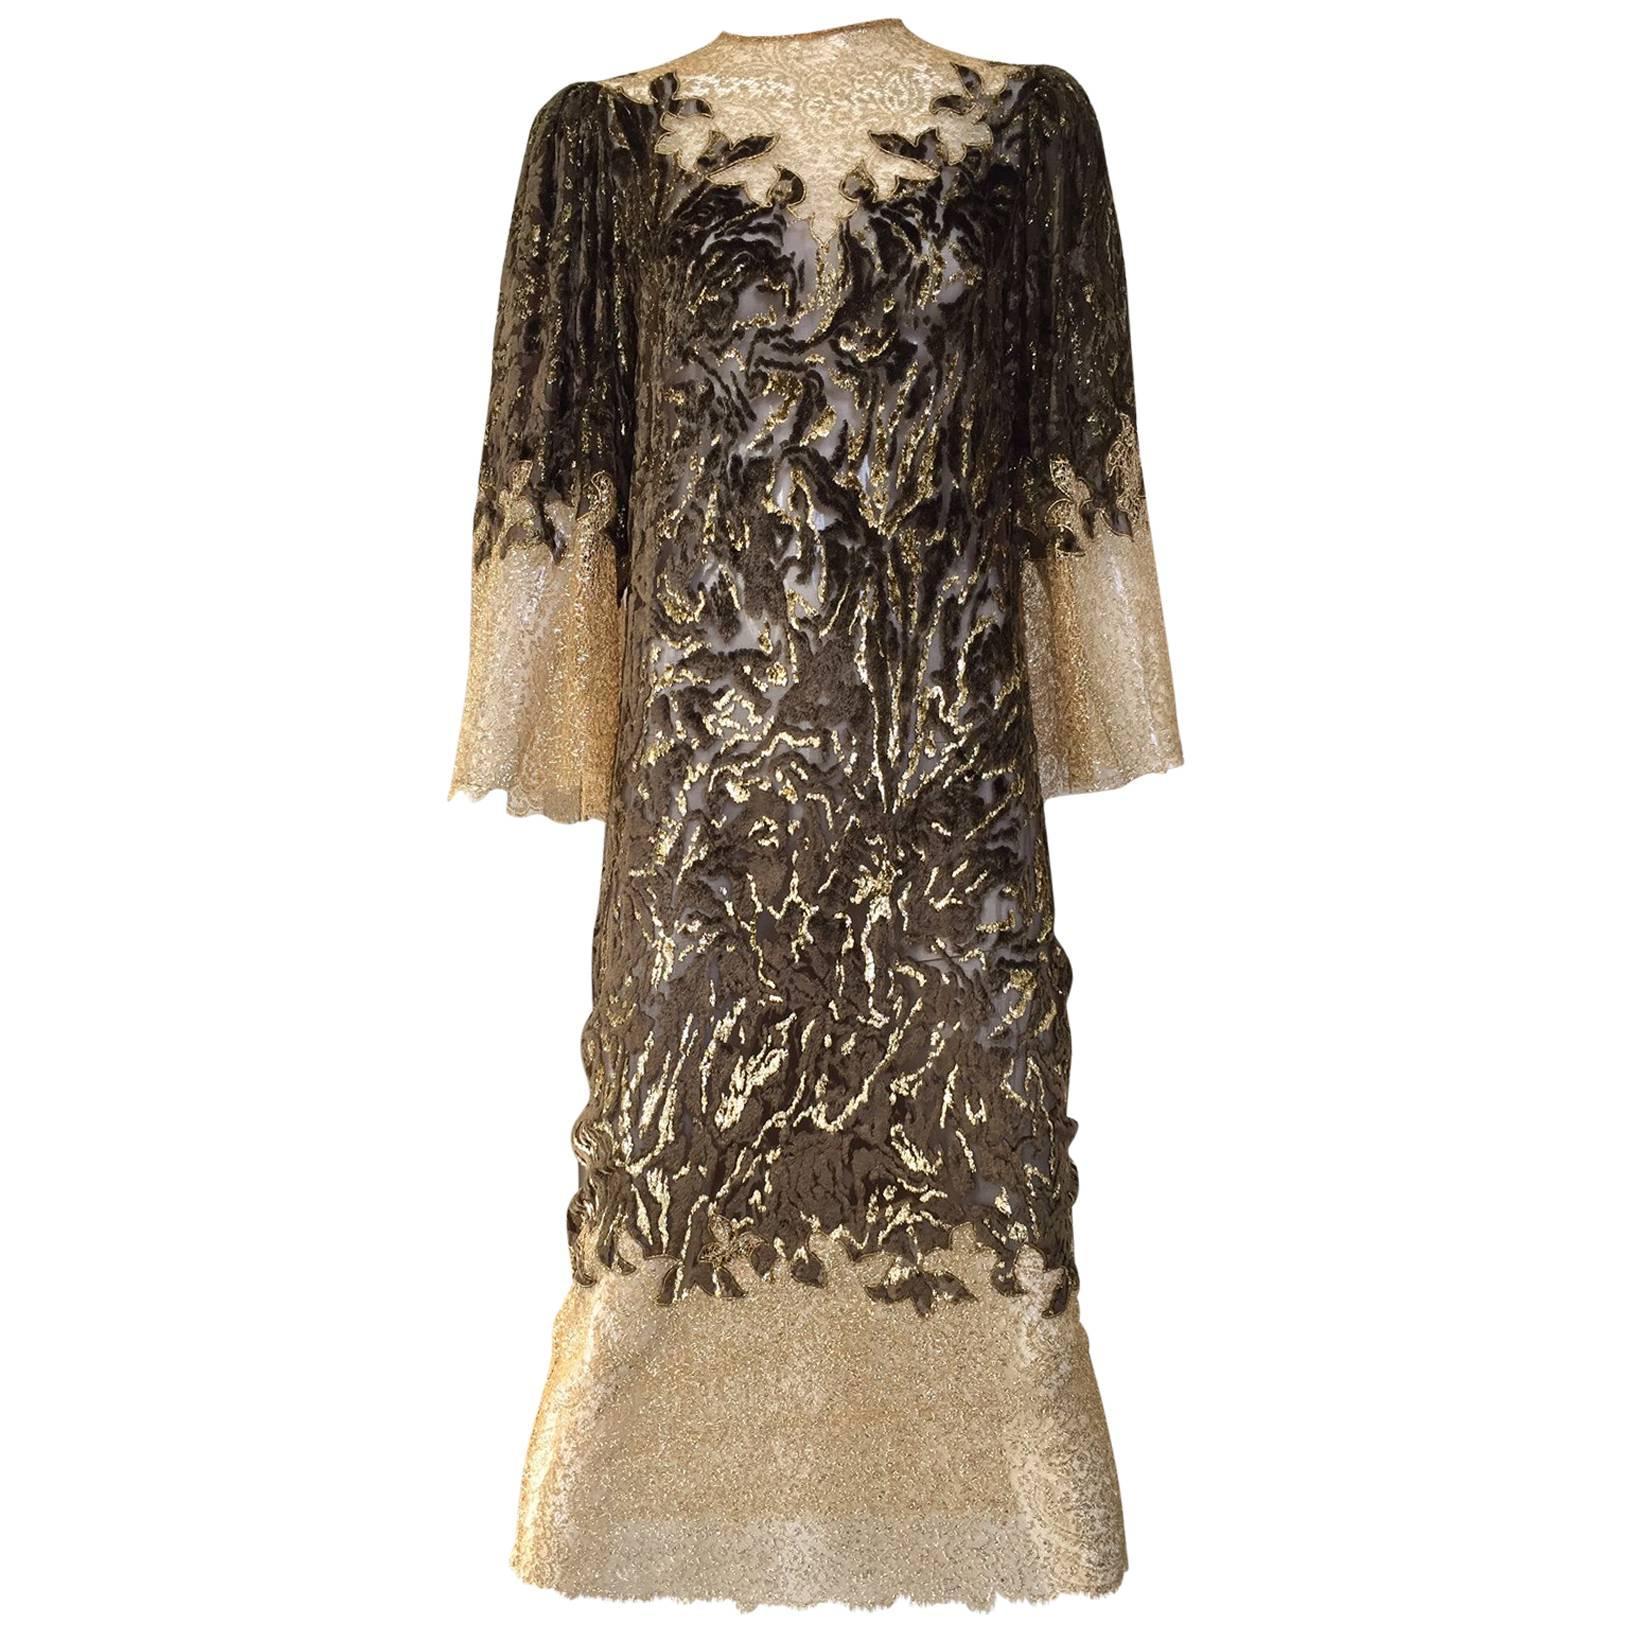 Vintage Oscar De La Renta velvet devore gold lace dress